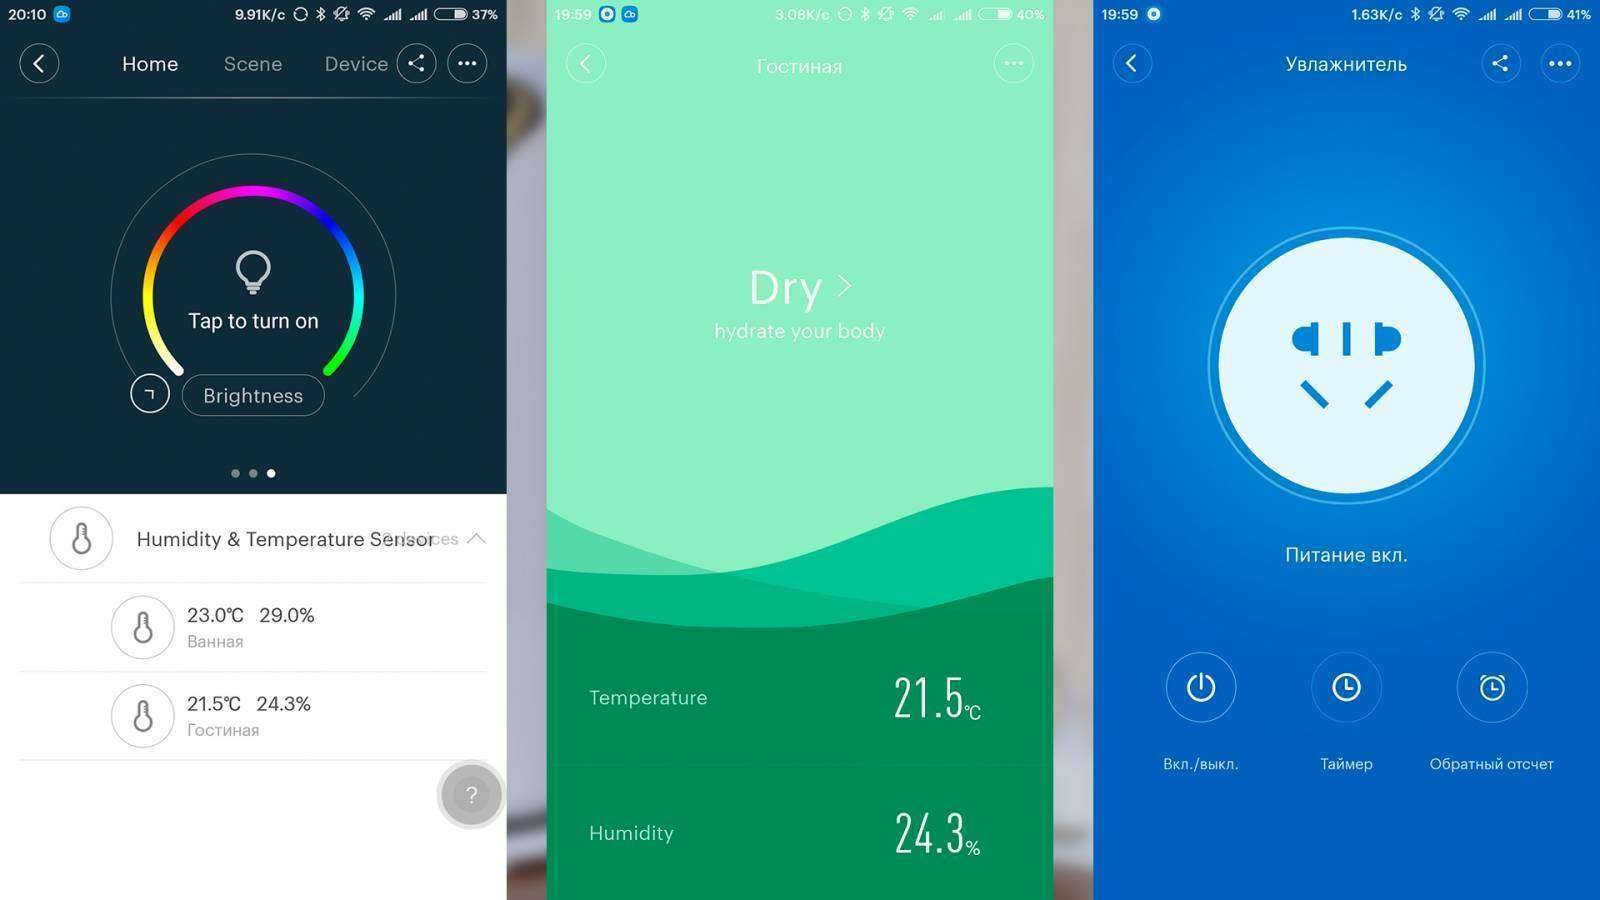 GearBest: Как настраивать xiaomi smart home - сценарии, часть 2